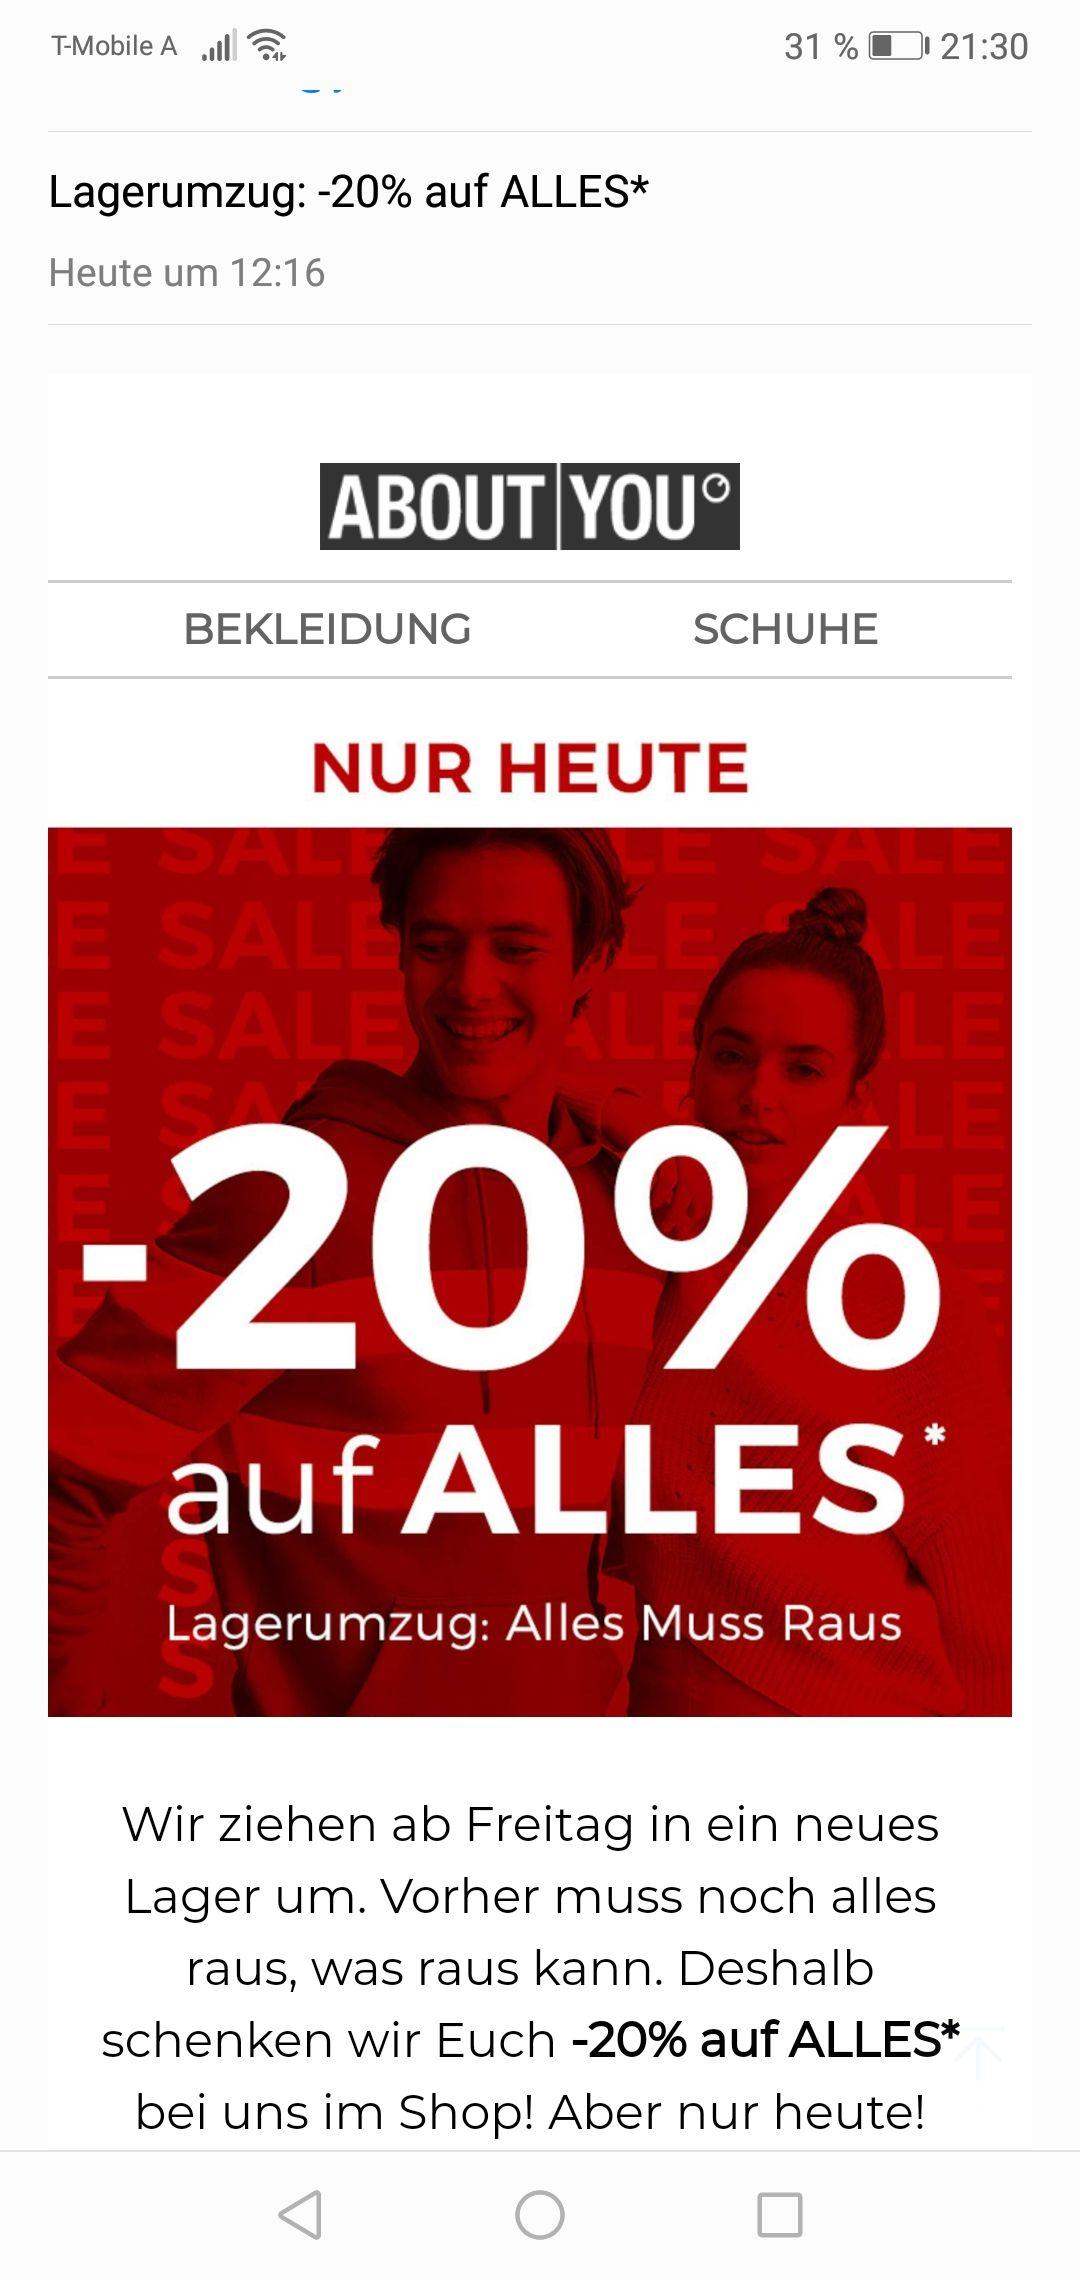 AboutYou: -20% auf alles im online Shop